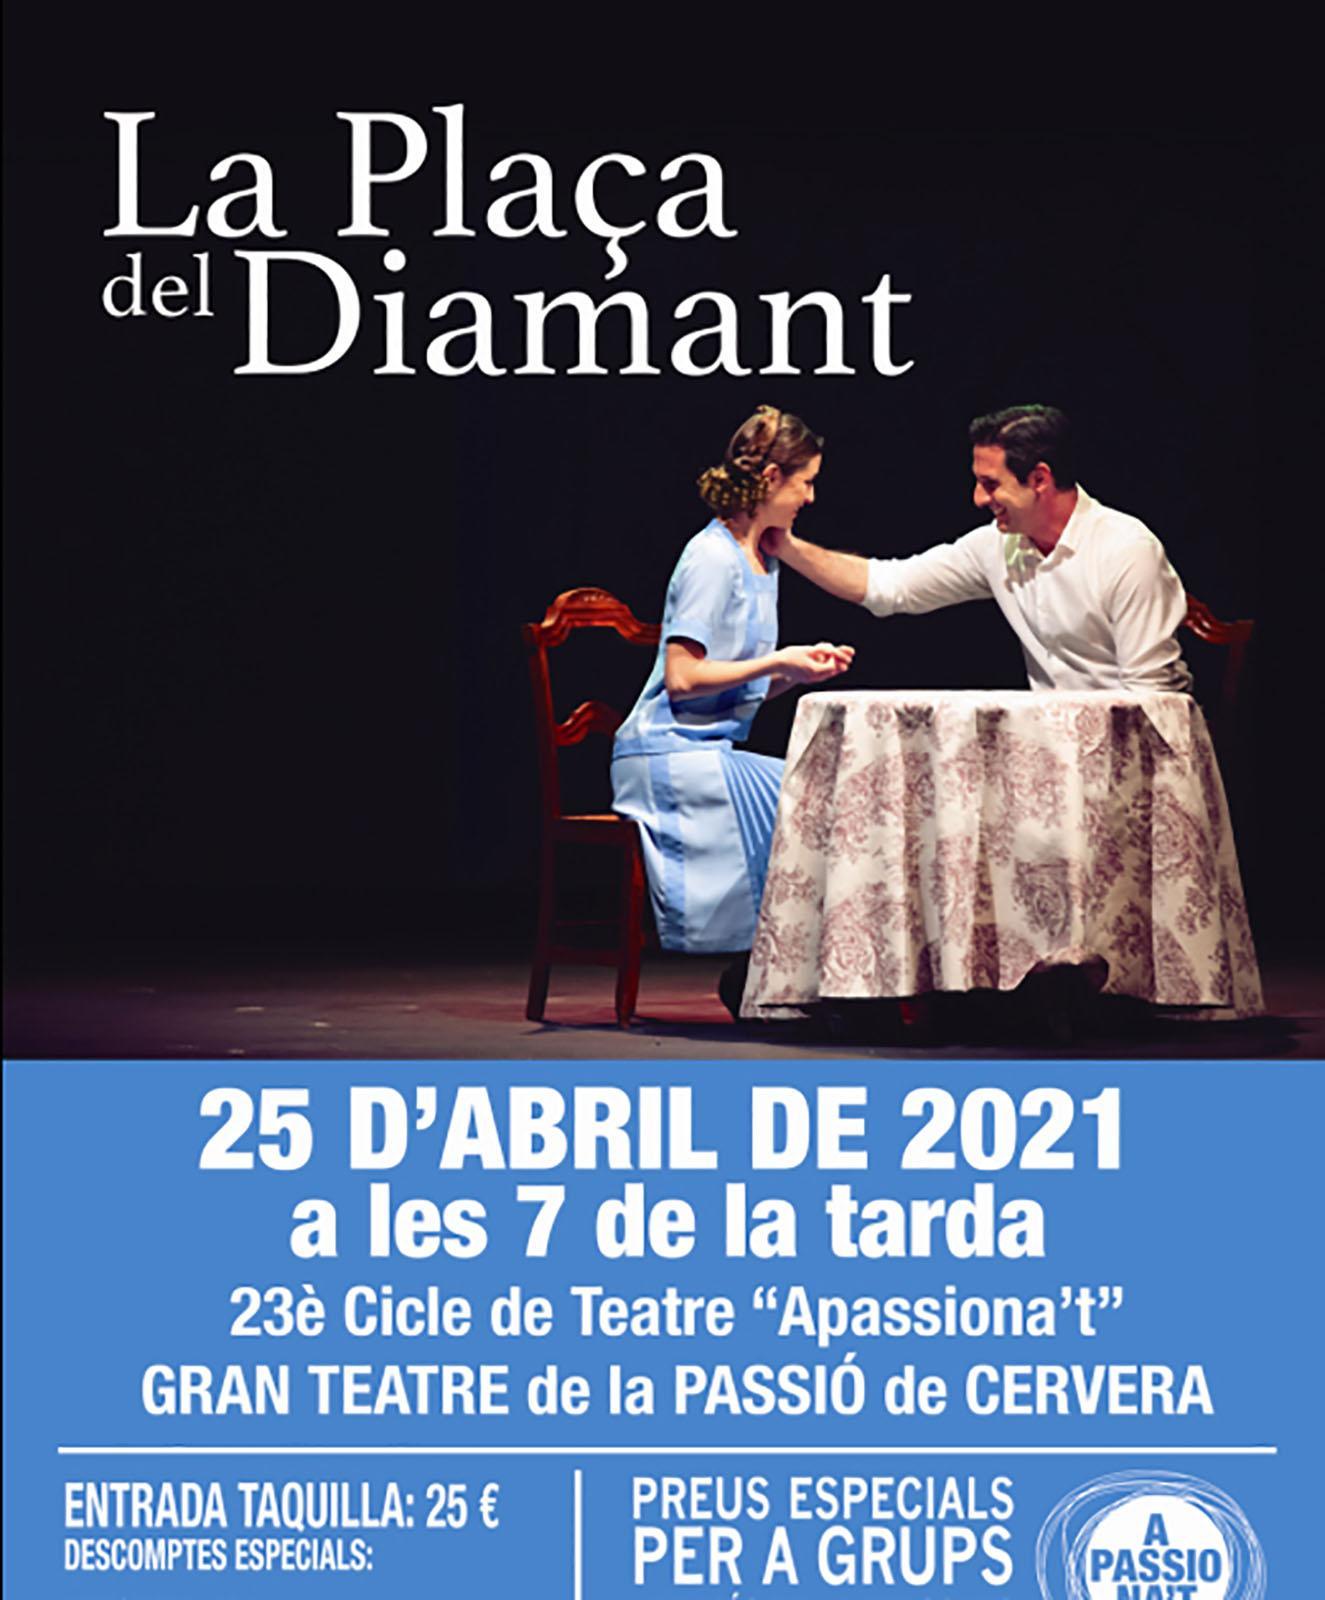 Teatre 'La plaça del Diamant'